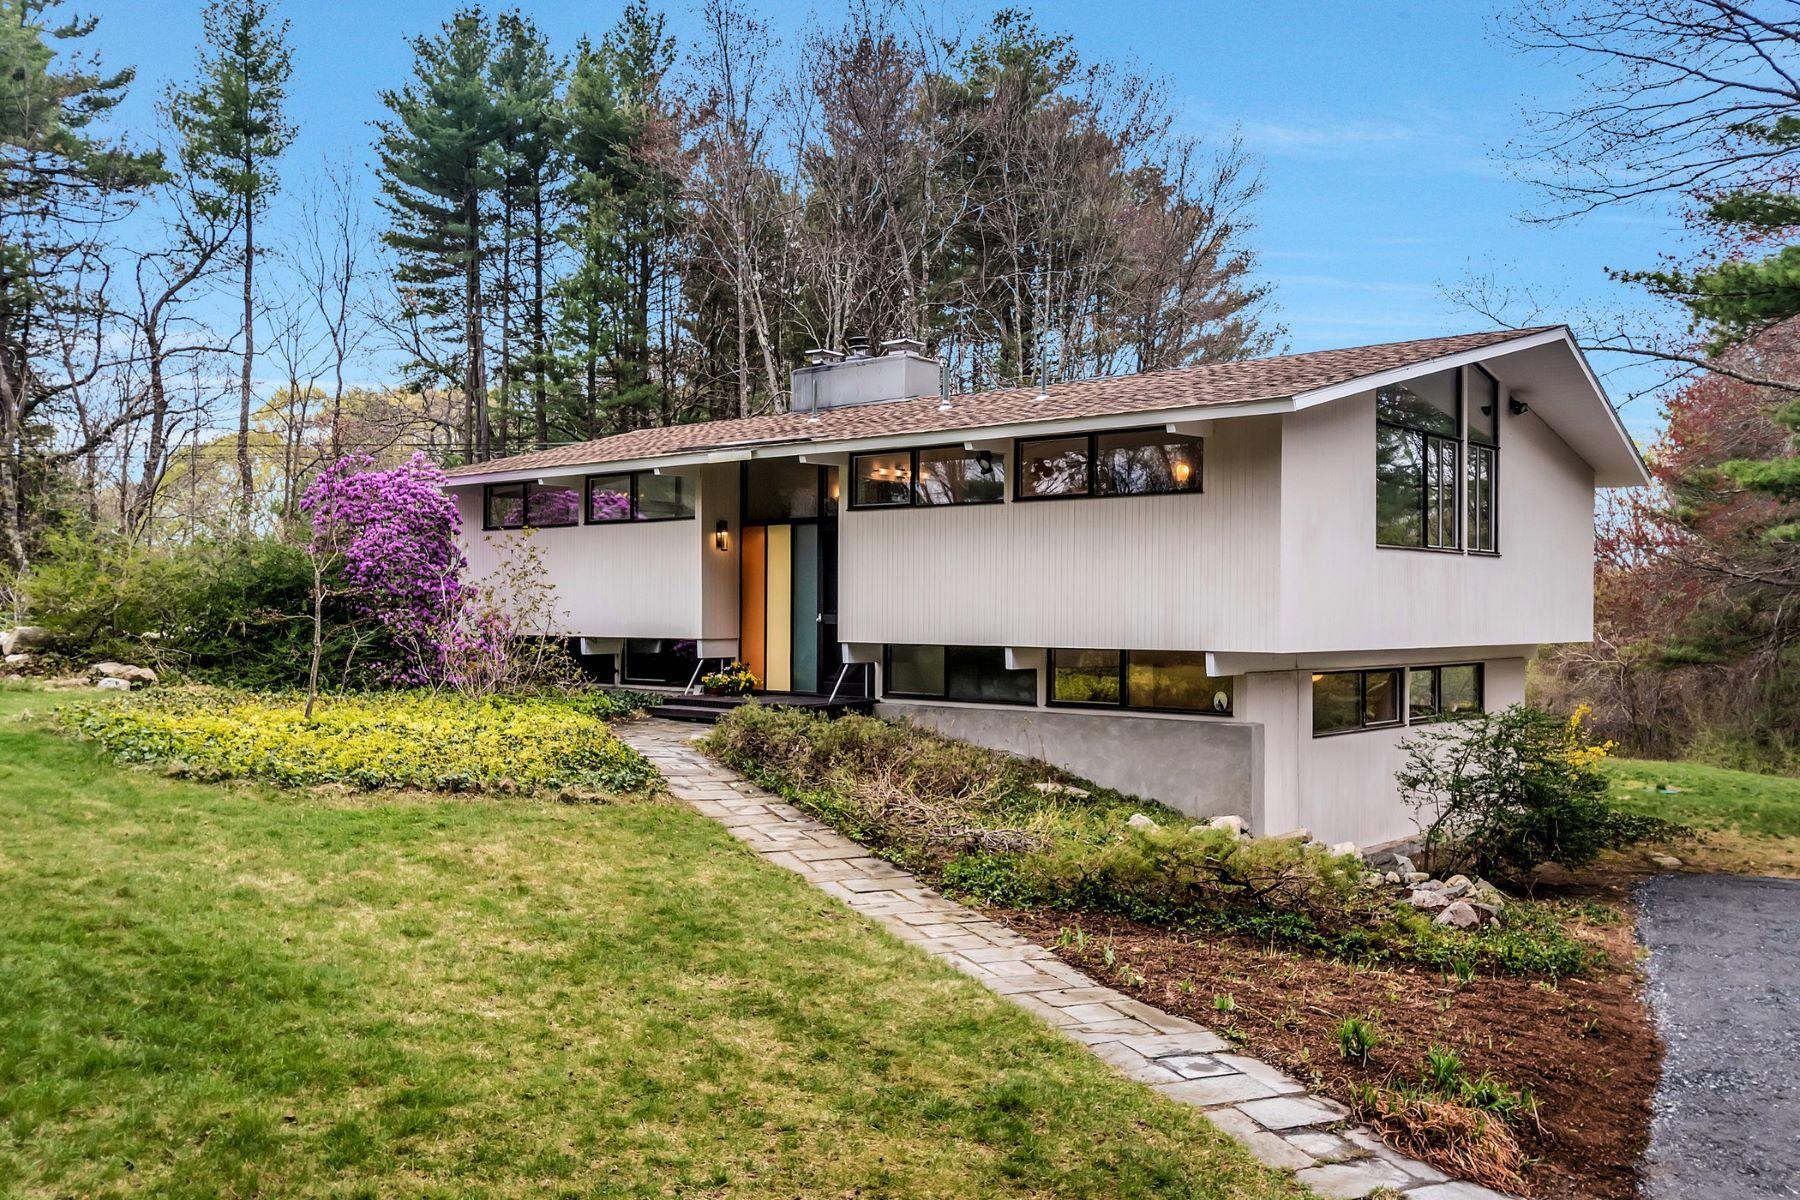 Casa Unifamiliar por un Venta en Natural Escape Abutting Mass Audubon 8 Boyce Farm Road Lincoln, Massachusetts, 01773 Estados Unidos